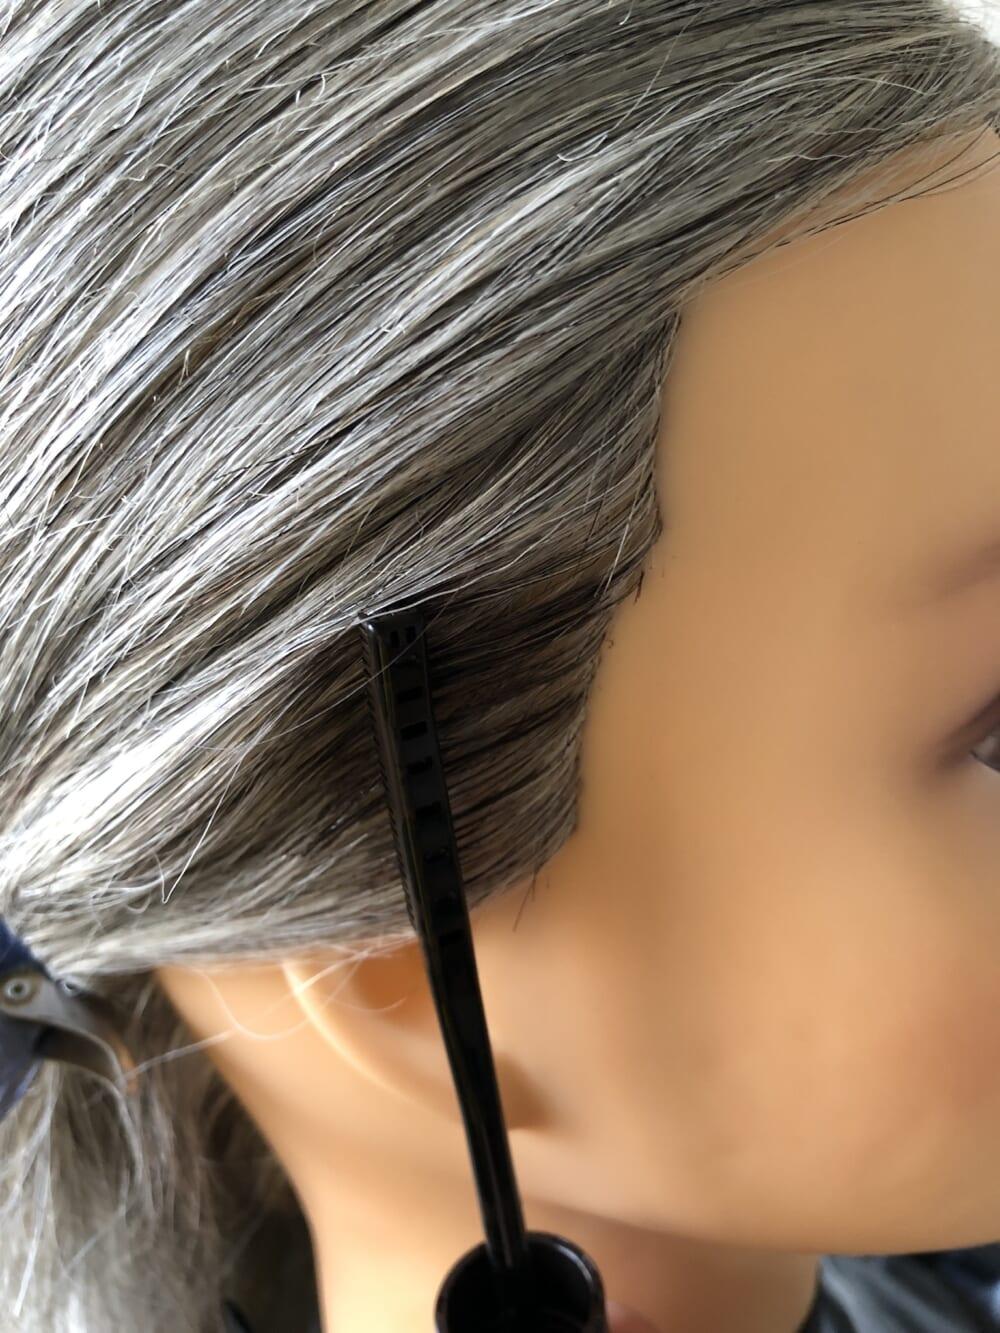 地肌につけないように、根元ギリギリのところからクシでさーっととかすようにして白髪に乗せます